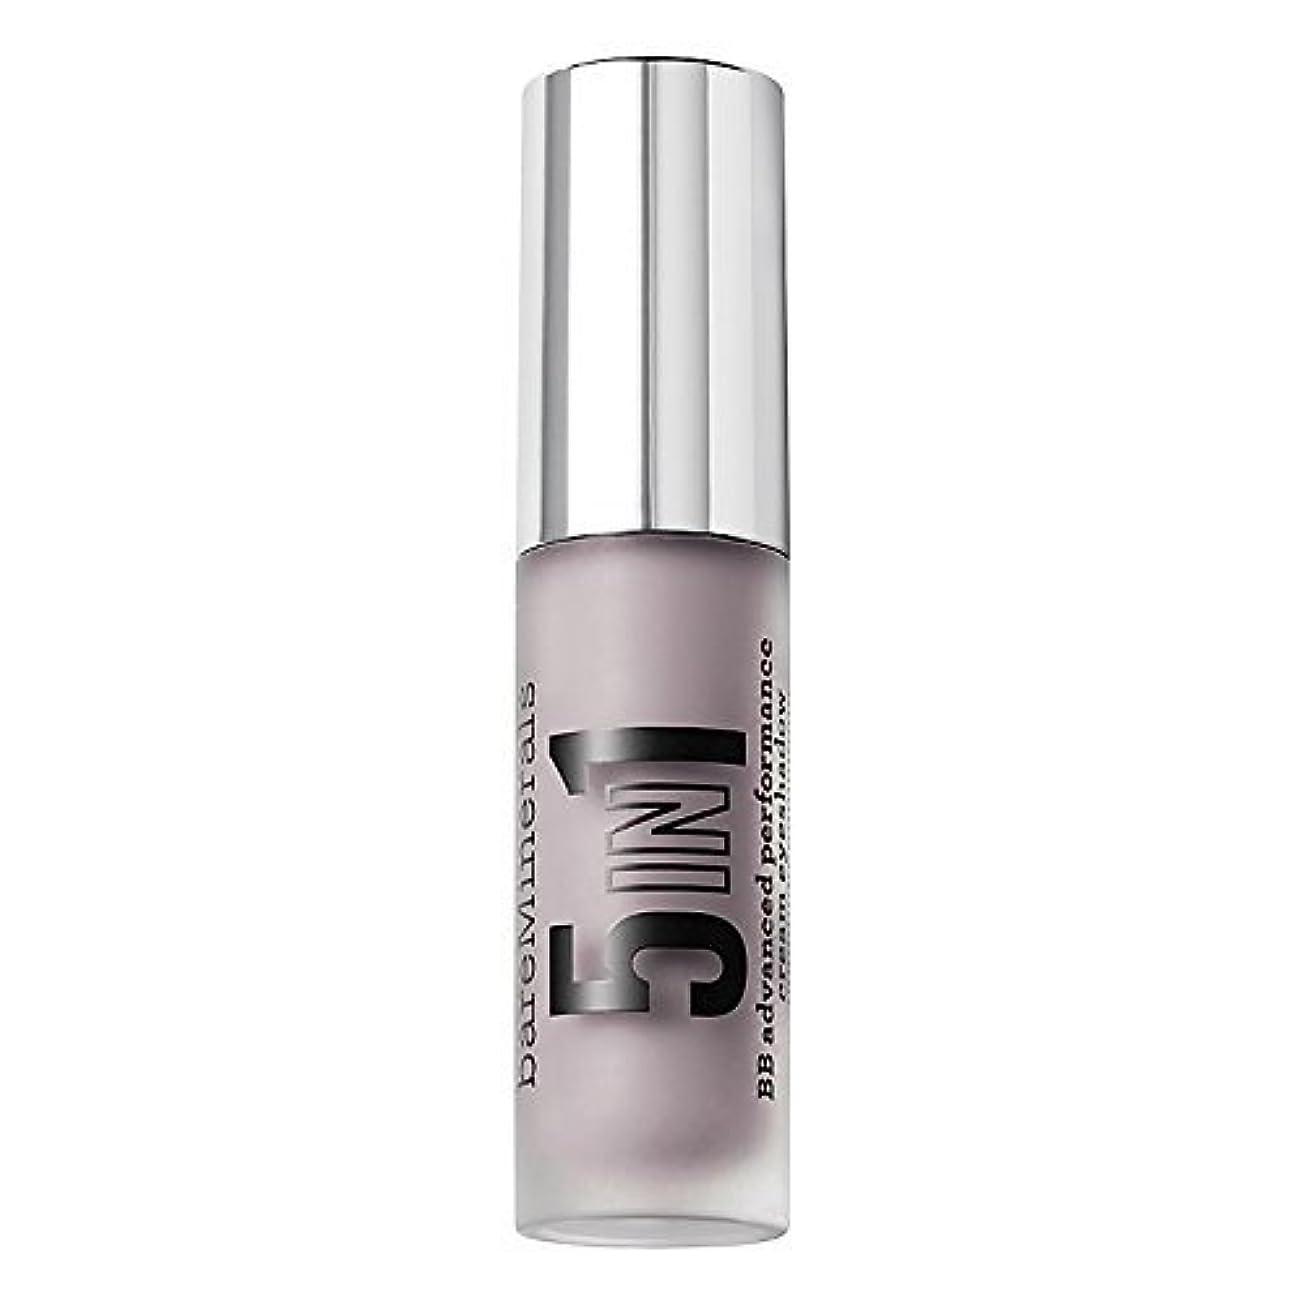 祝福船員マーキングベアミネラル BareMinerals 5 In 1 BB Advanced Performance Cream Eyeshadow Primer SPF 15 - Exotic Lilac 3ml/0.1oz並行輸入品